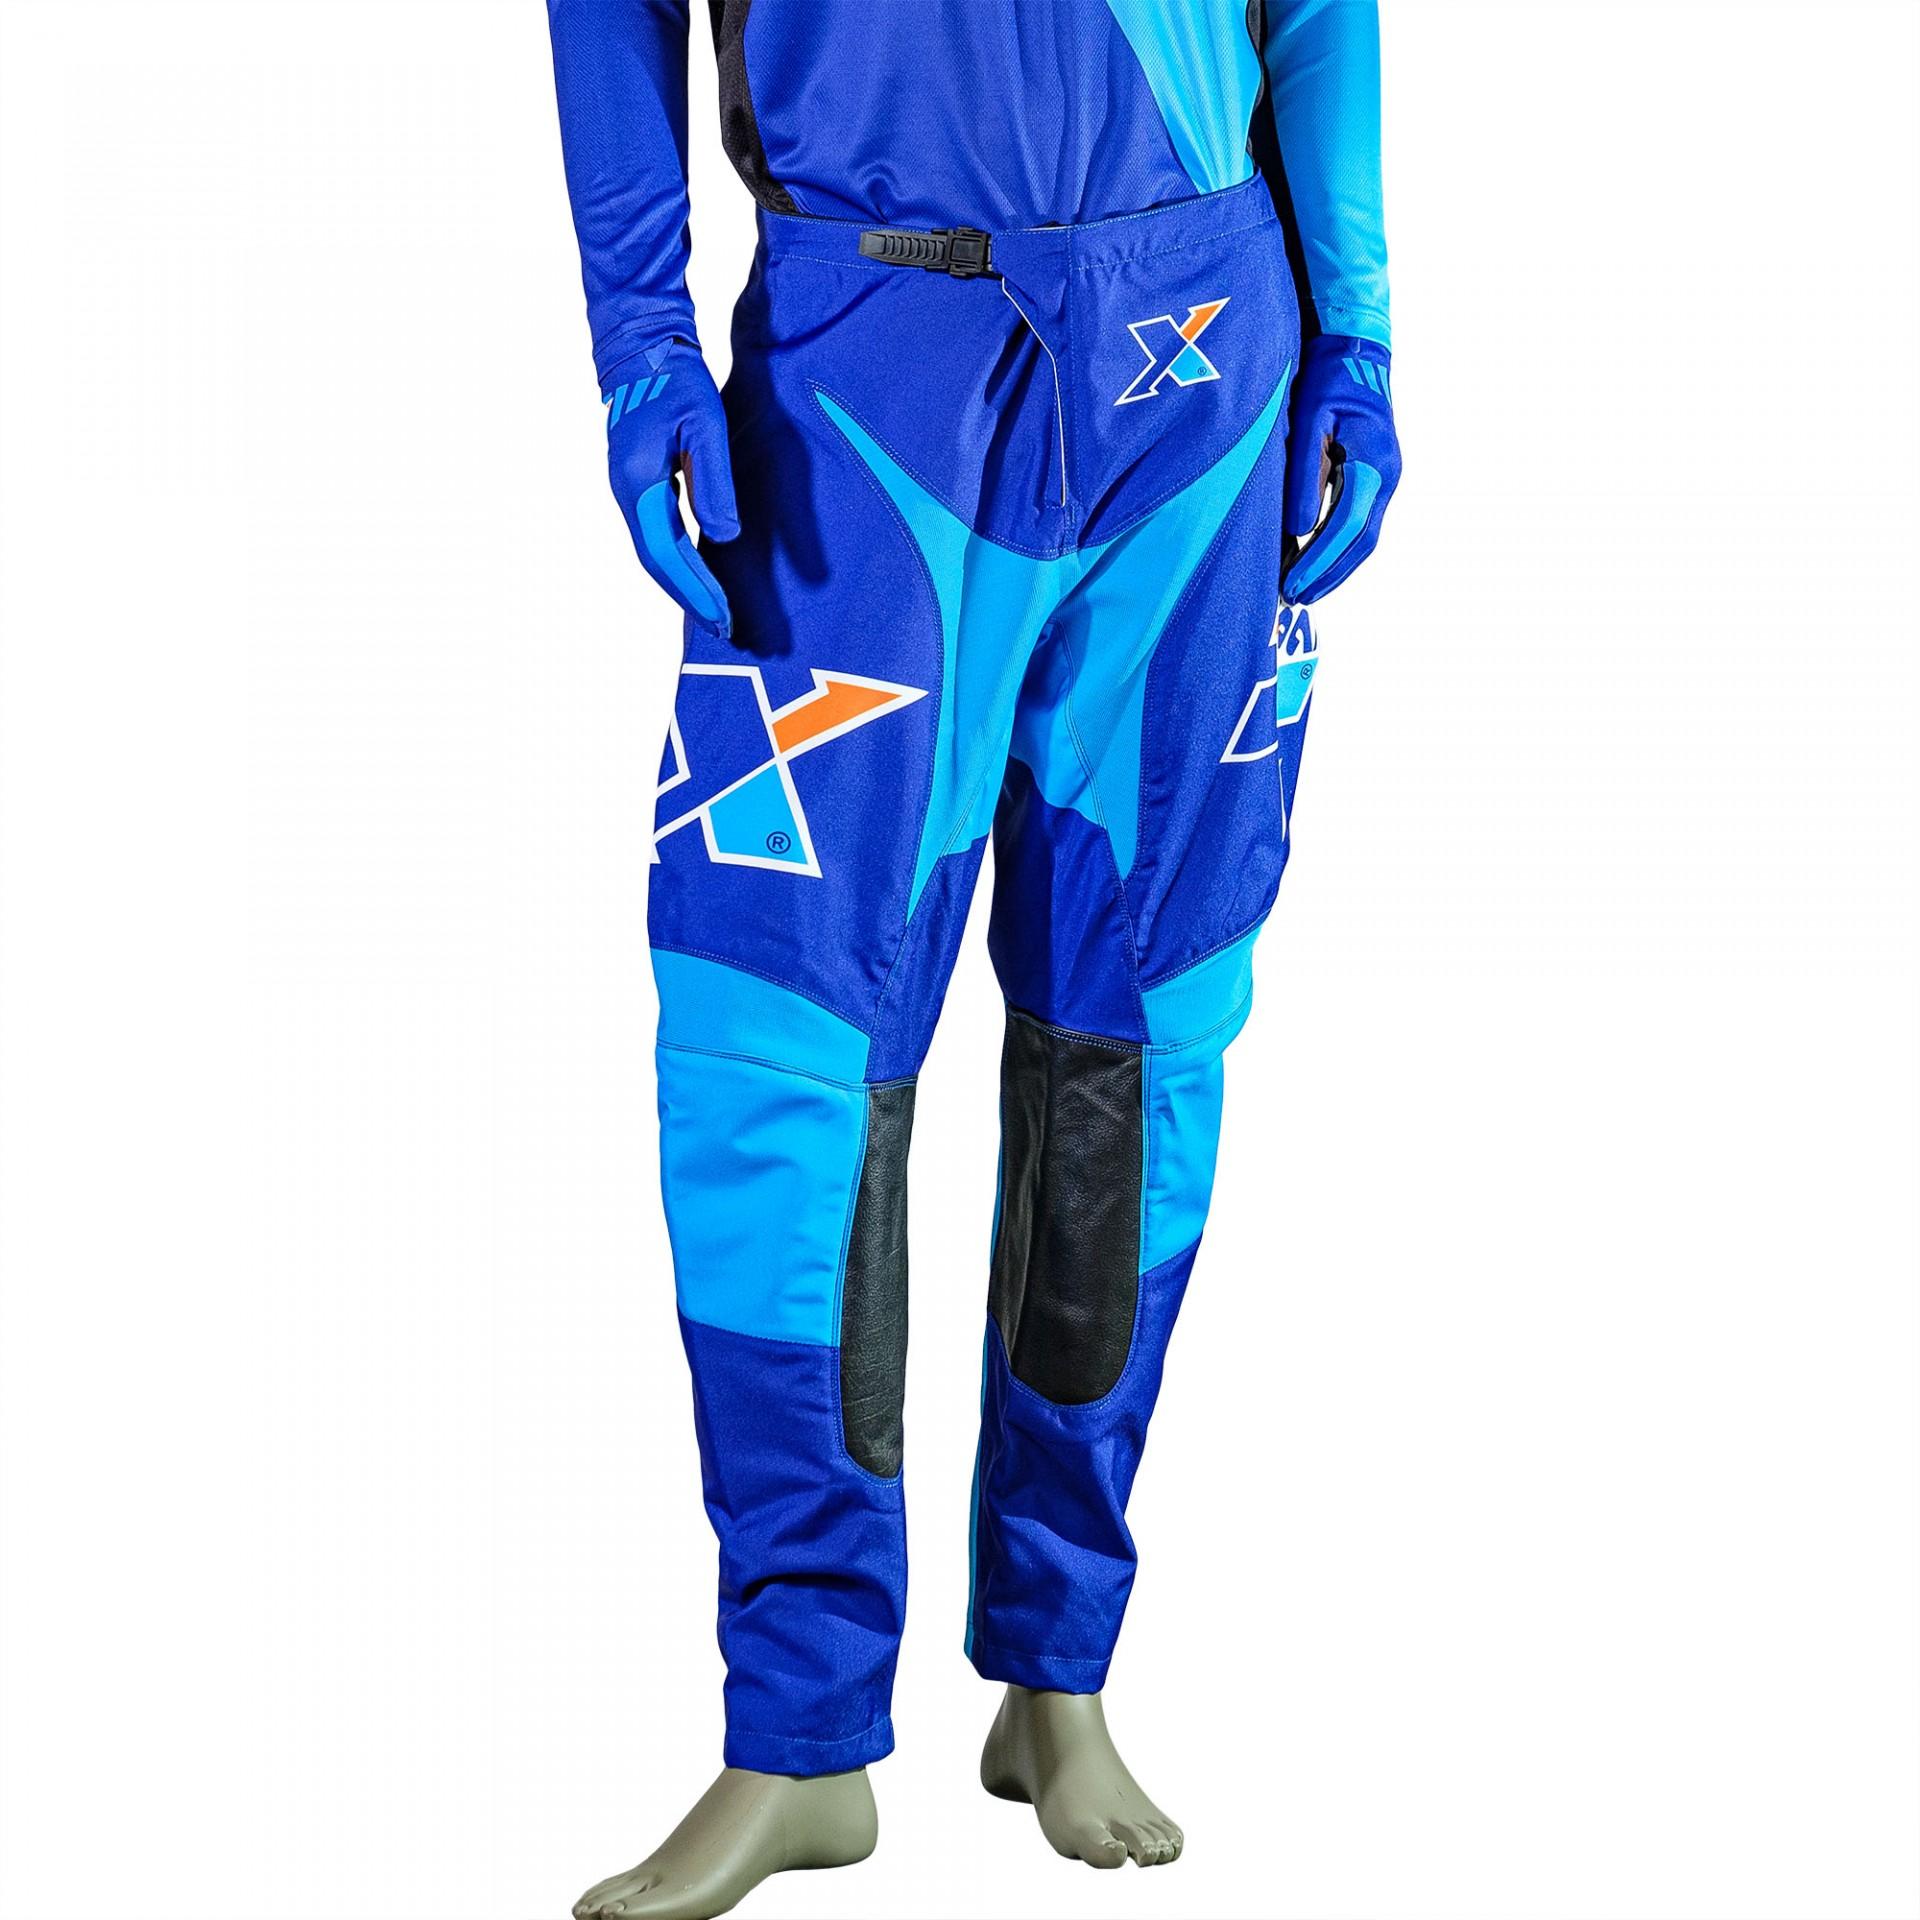 Calças XTRB - AJJ Azul